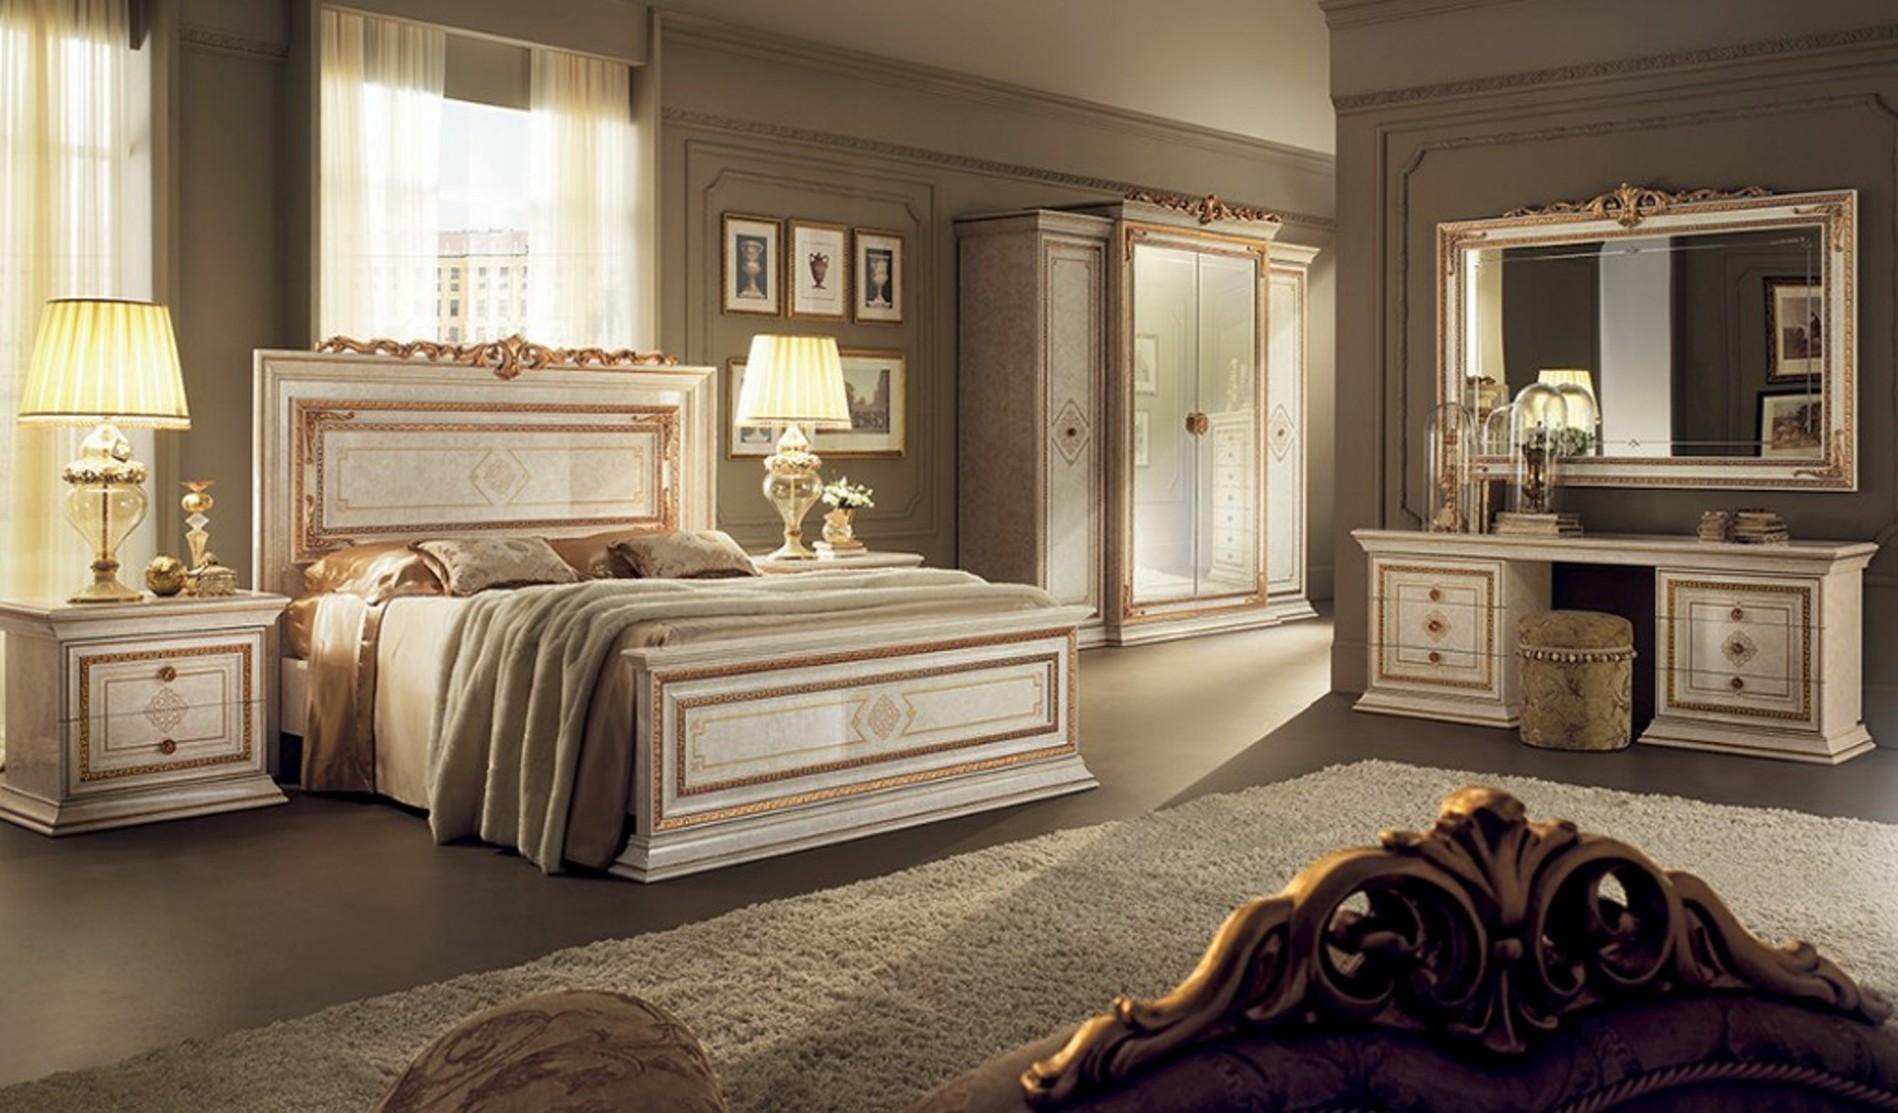 Schlafzimmer Leonardo - mobili italiani, italienische möbel